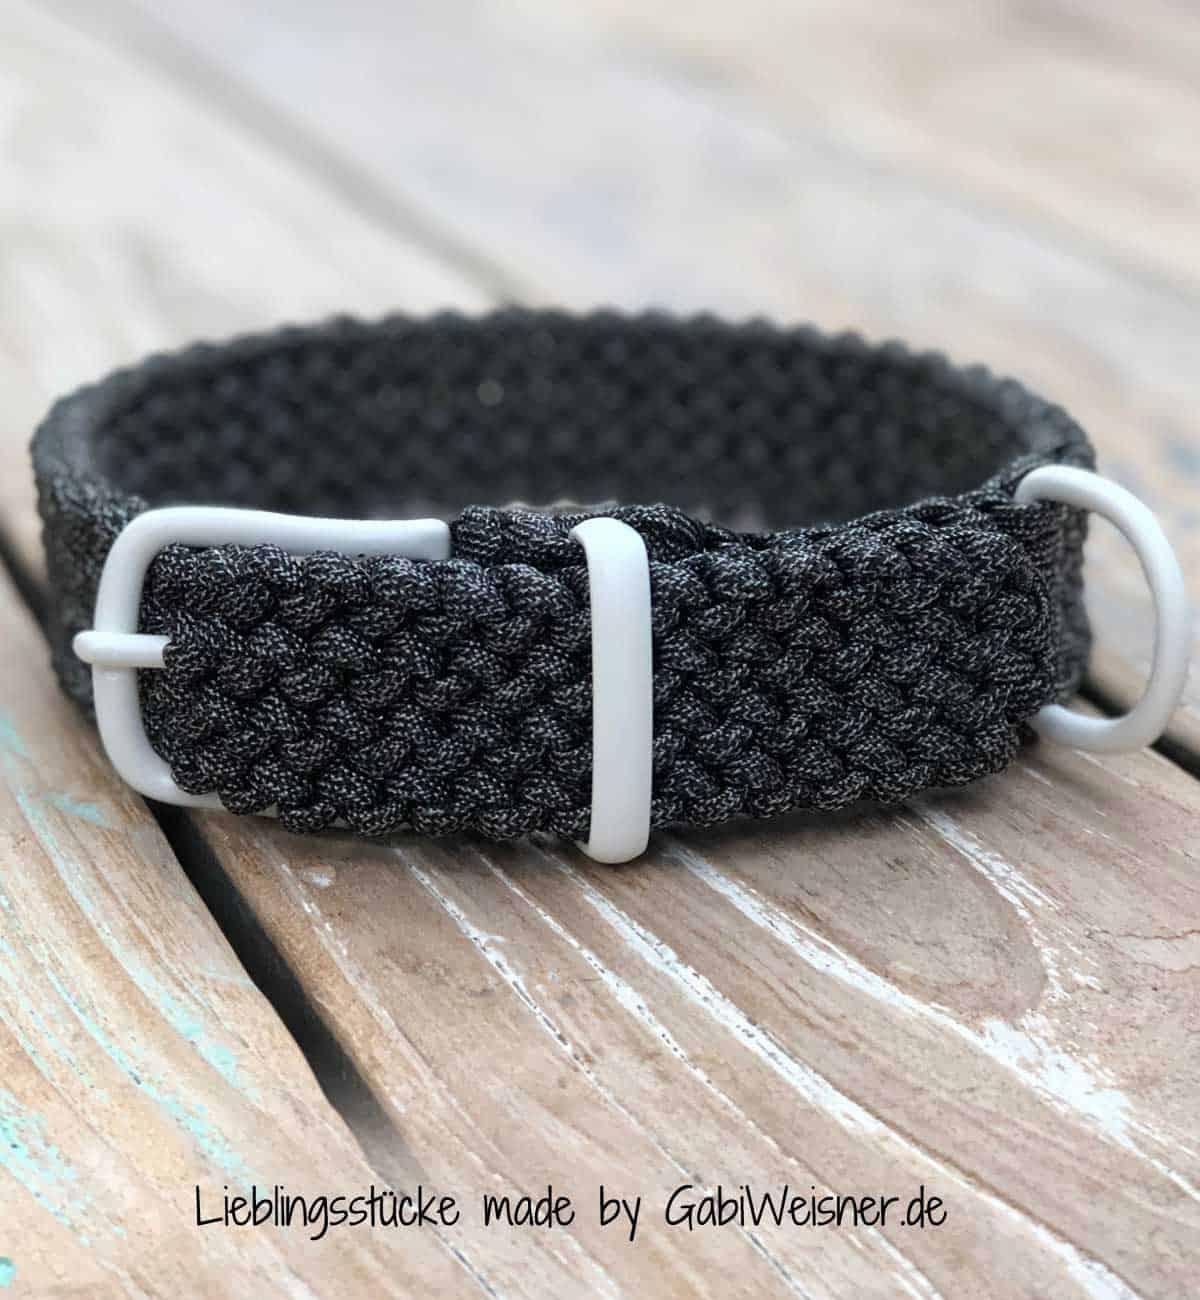 Hundehalsband verstellbar. Paracord Tweed-Anthrazit 3 cm breit